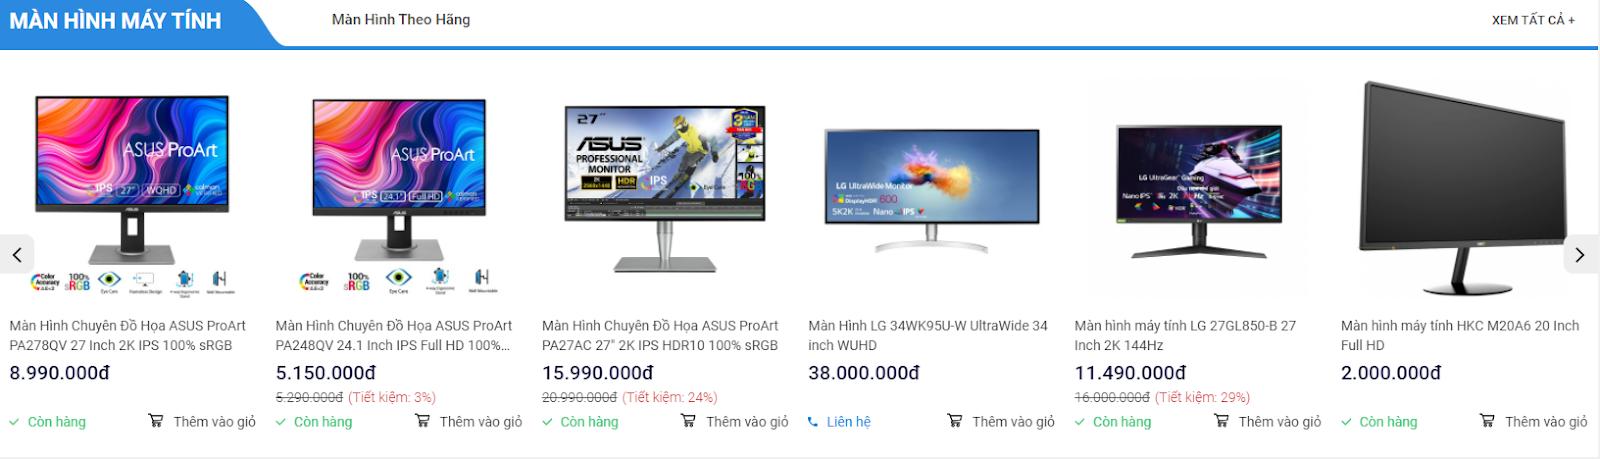 Hoàng Hà PC có đa dạng các loại màn hình máy tính với nhiều tầm giá